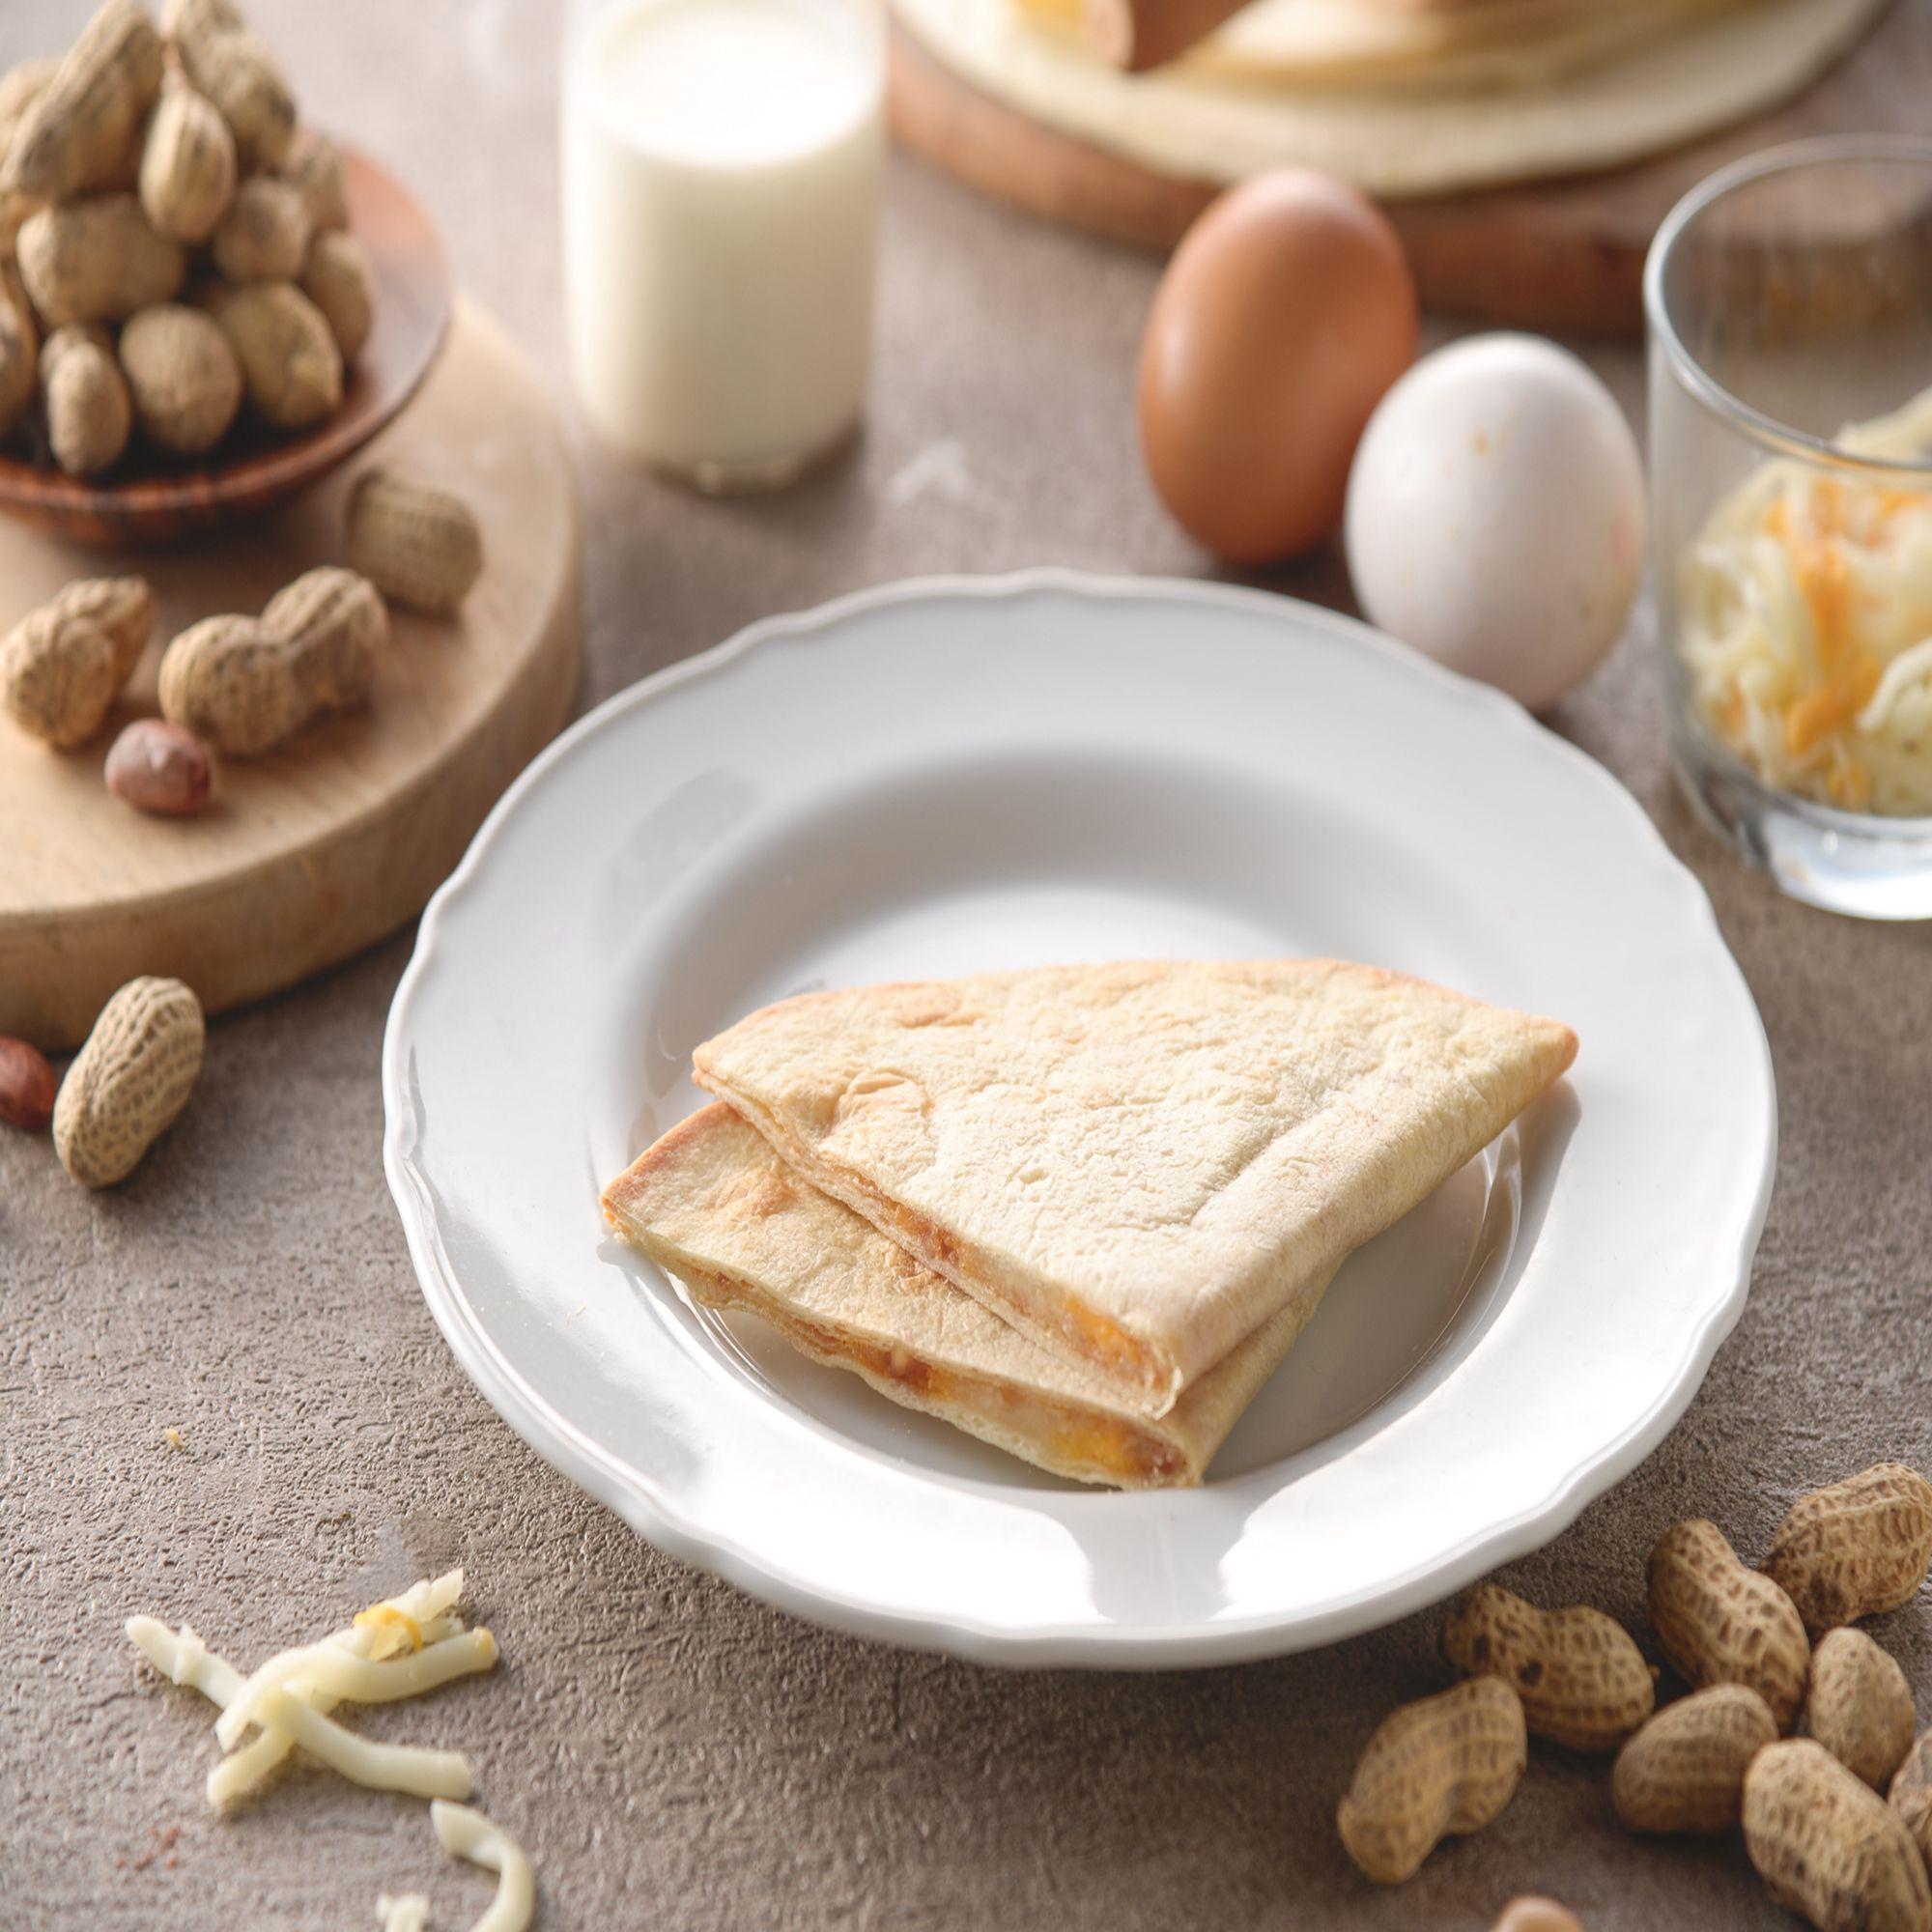 低卡脆皮義式起司烤餅【鹹甜|13入】 加熱點心 微波食品 簡單料理 17新鮮美味坊